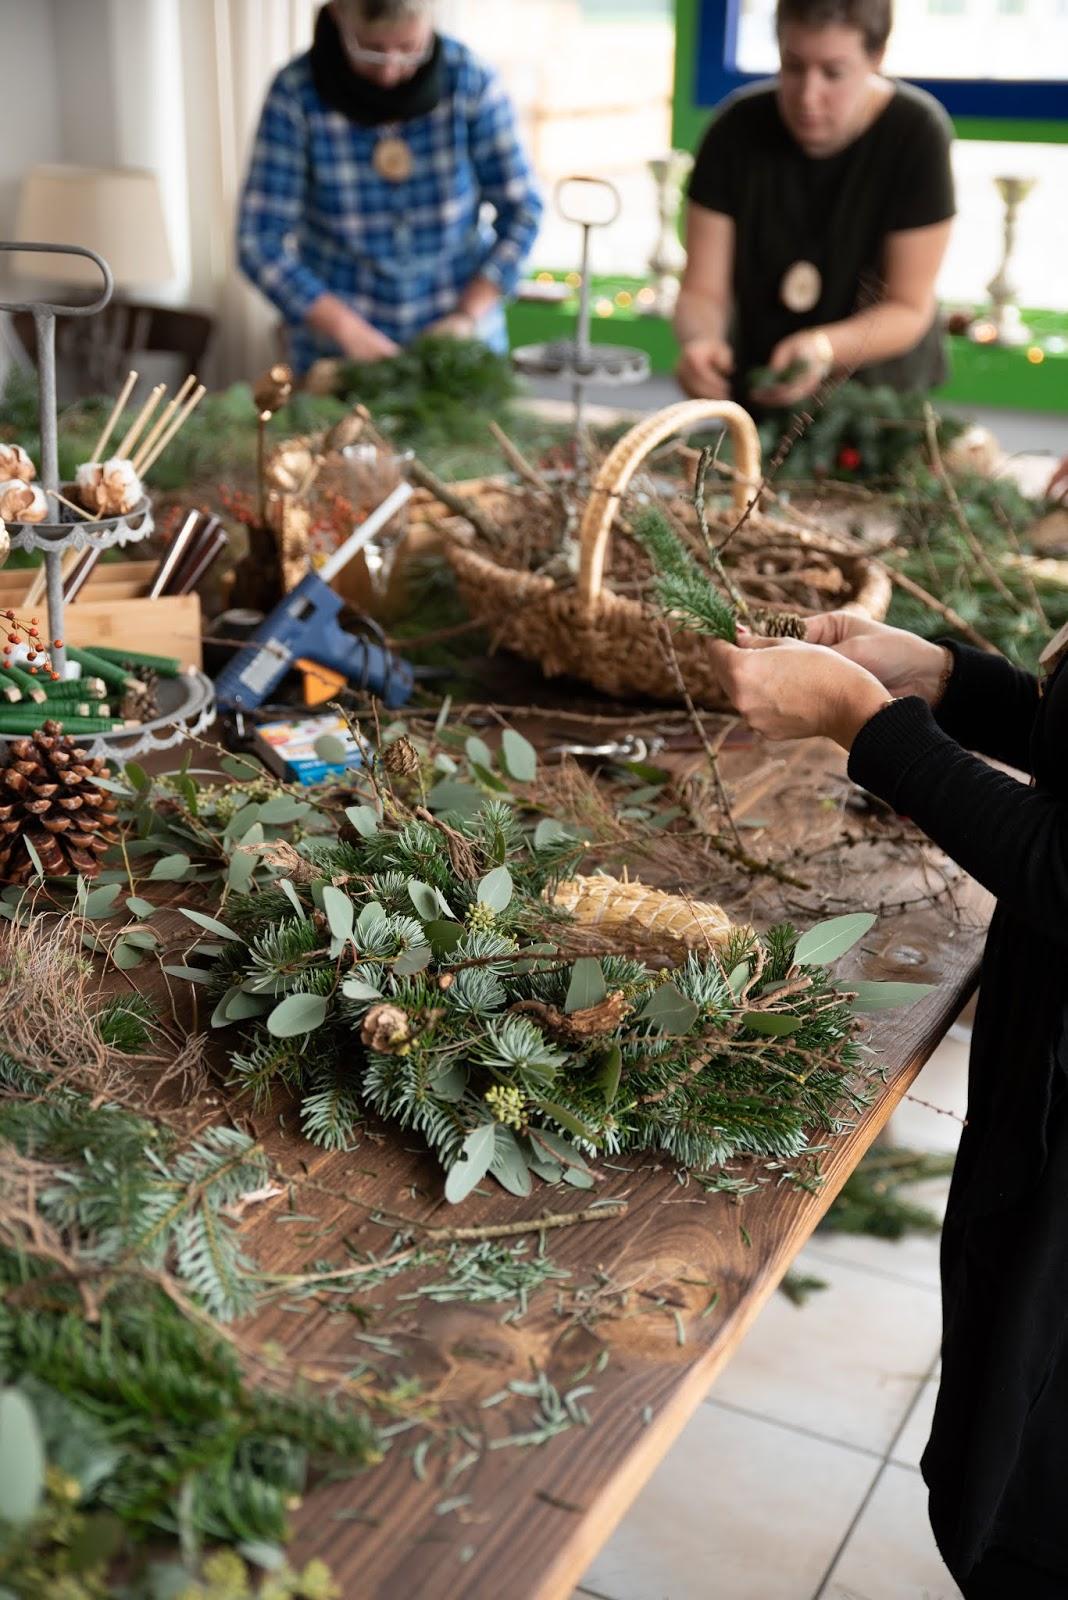 Workshop Rückblick Adventsrkänze und Winterkränze aus Naturmaterialien von Kreativ-Natürlich-Ideenreich: Dekostab Gartenstab Mooskranz Winterbäume Winterbaum  mit tollen Materialien Ideen Inspirationen Kreativsein Kranz Kränze und mehr gestalten Winterbäume